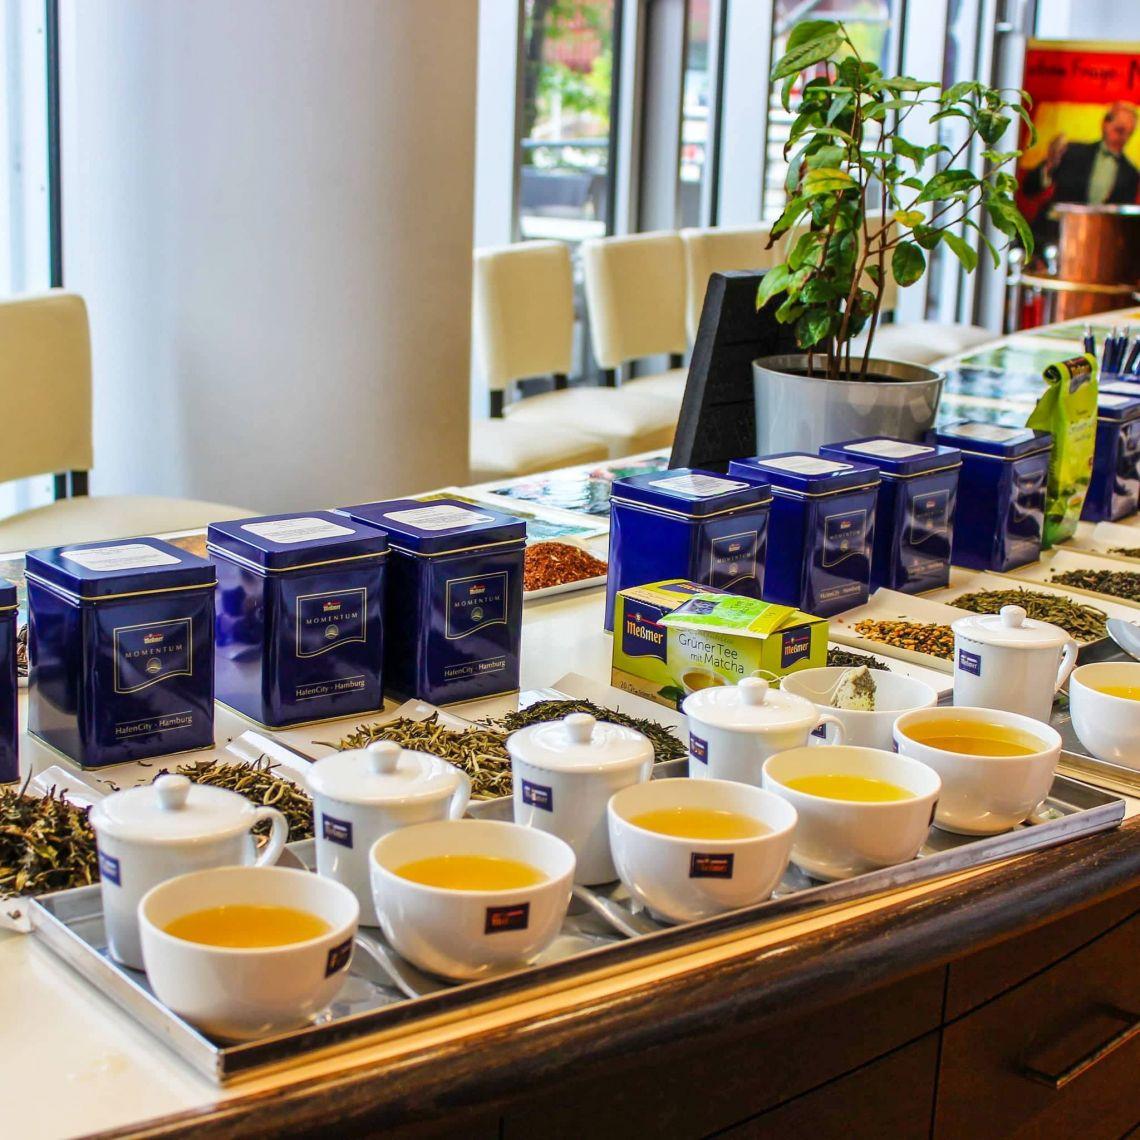 Wir hatten die Möglichkeit verschiedene Tee-Sorten zu probieren